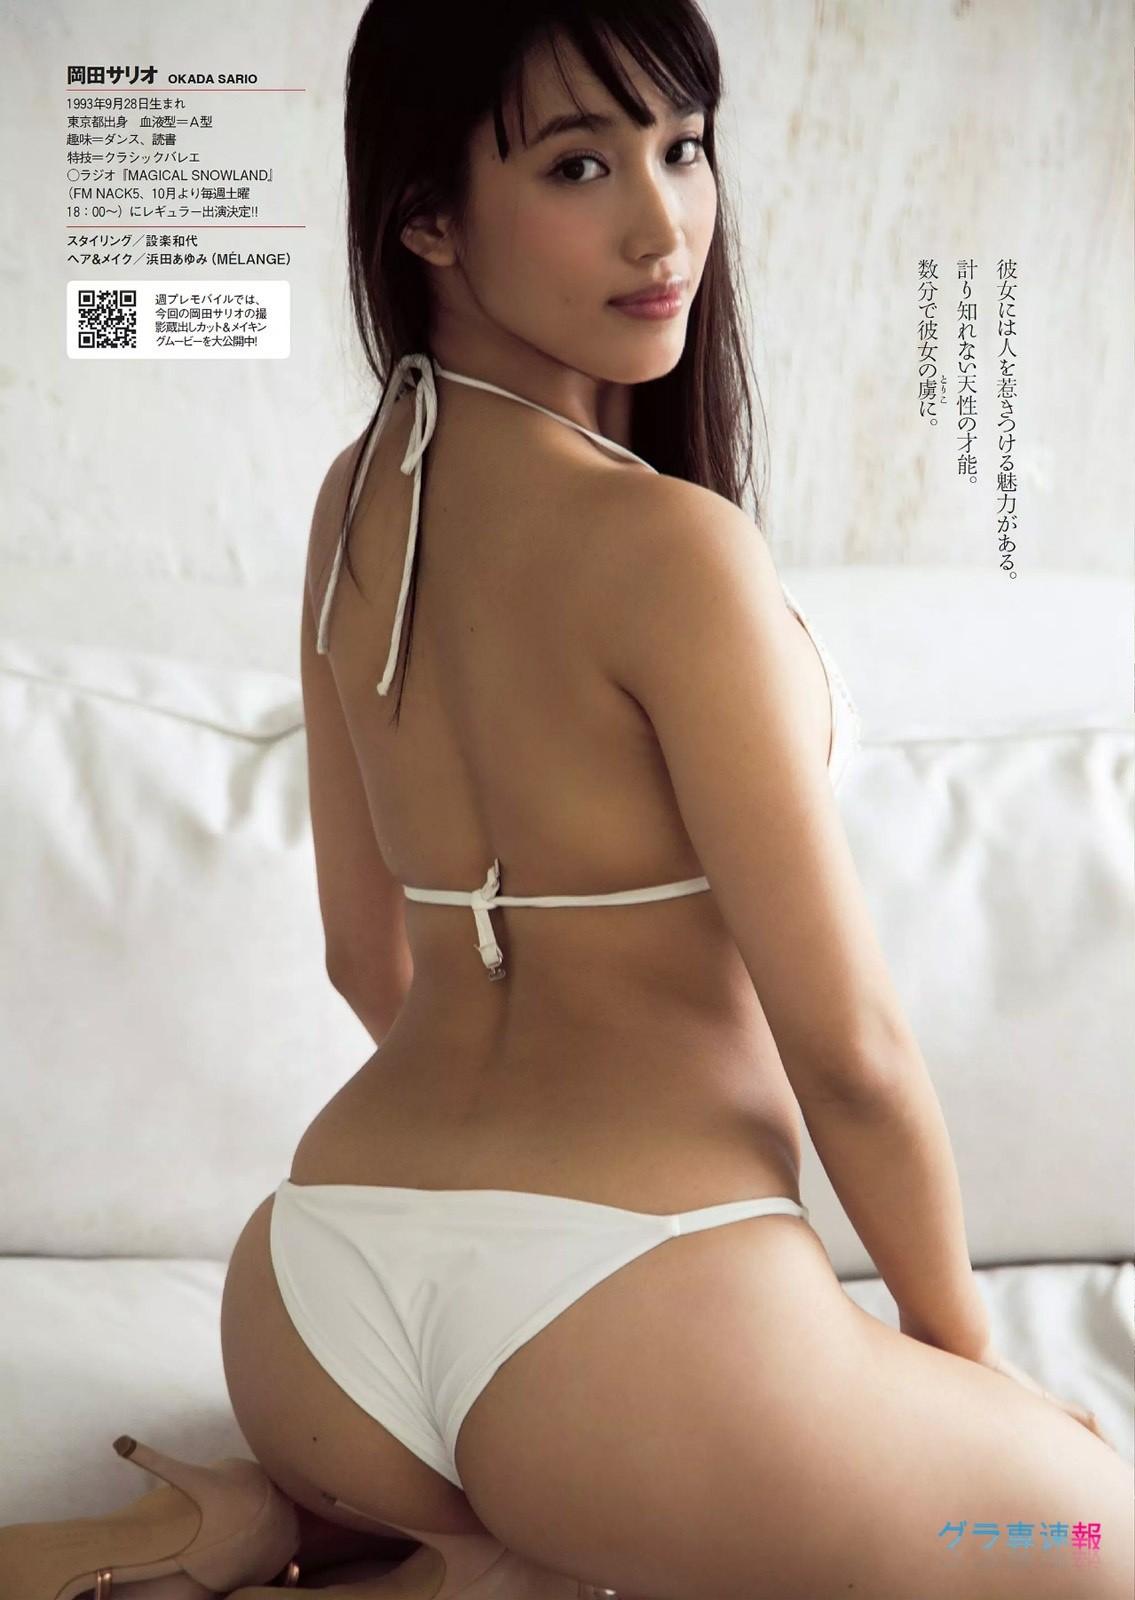 【若い尻】尻画像 part1 【熟女厳禁】©bbspink.comTube8動画>1本 ->画像>2849枚